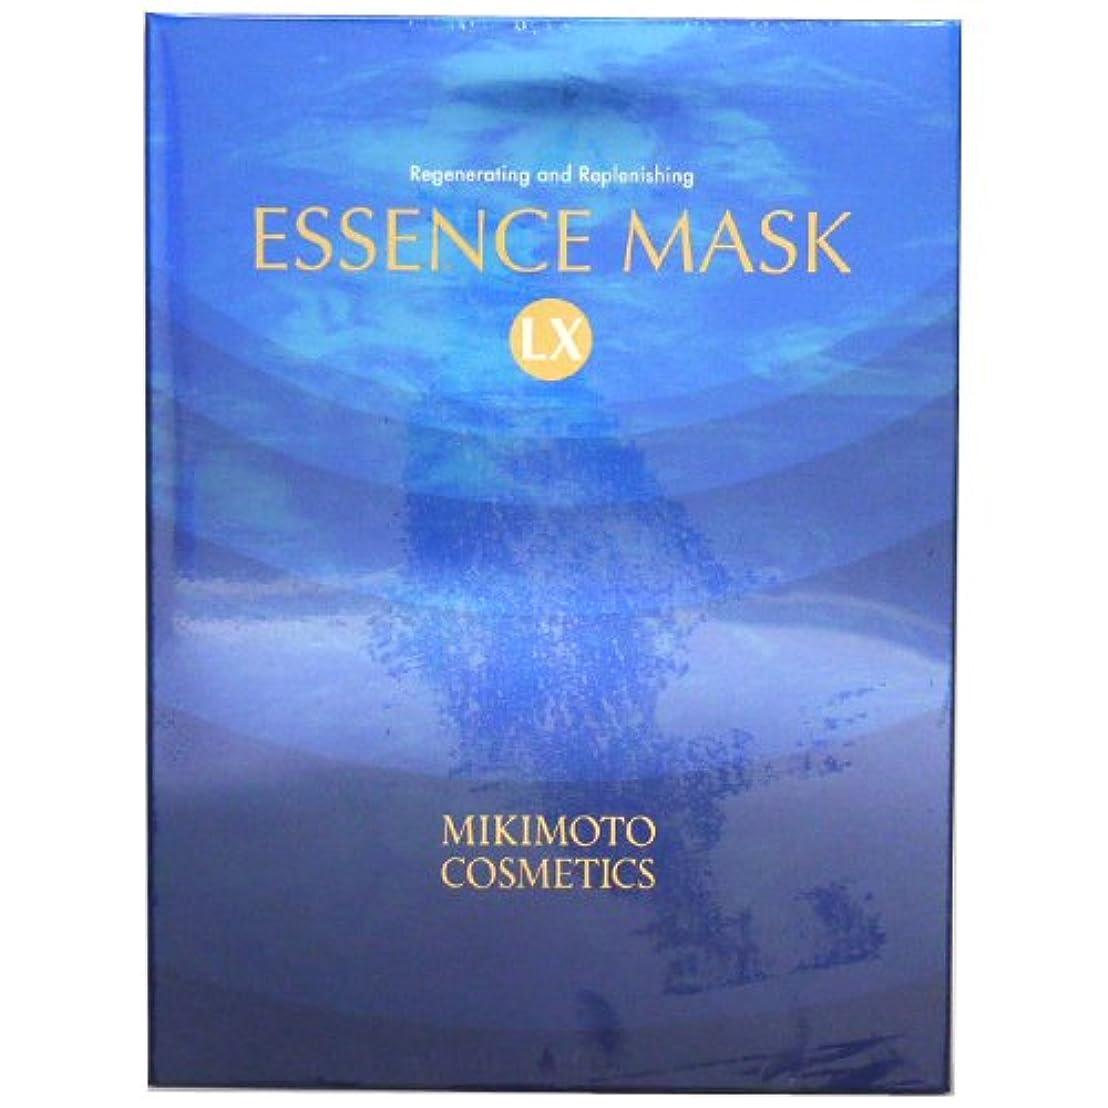 暴君純粋な指定するミキモト化粧品 MIKIMOTO コスメティックス エッセンスマスクLX (シート状美容マスク) 【6枚入】